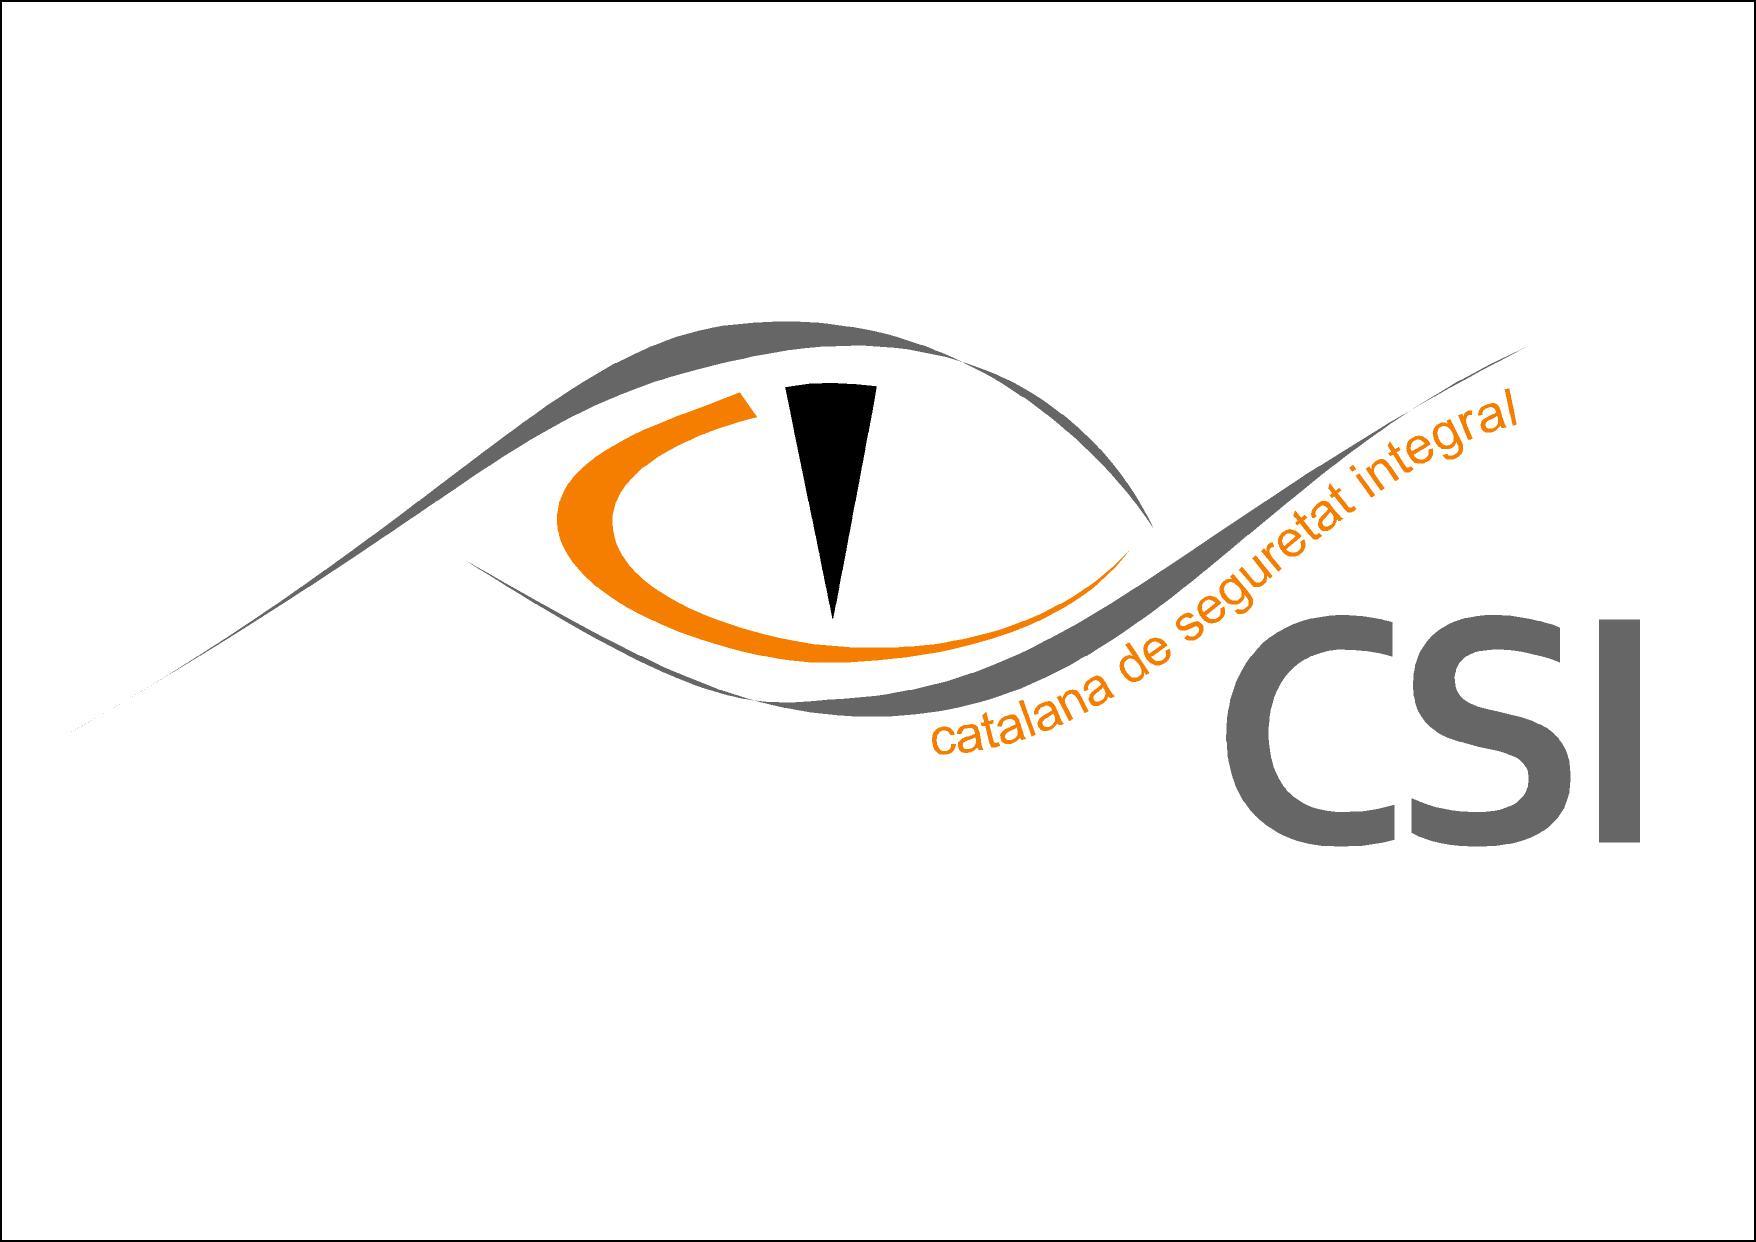 Coordinadora de Servicios de Seguridad Inteligente SL